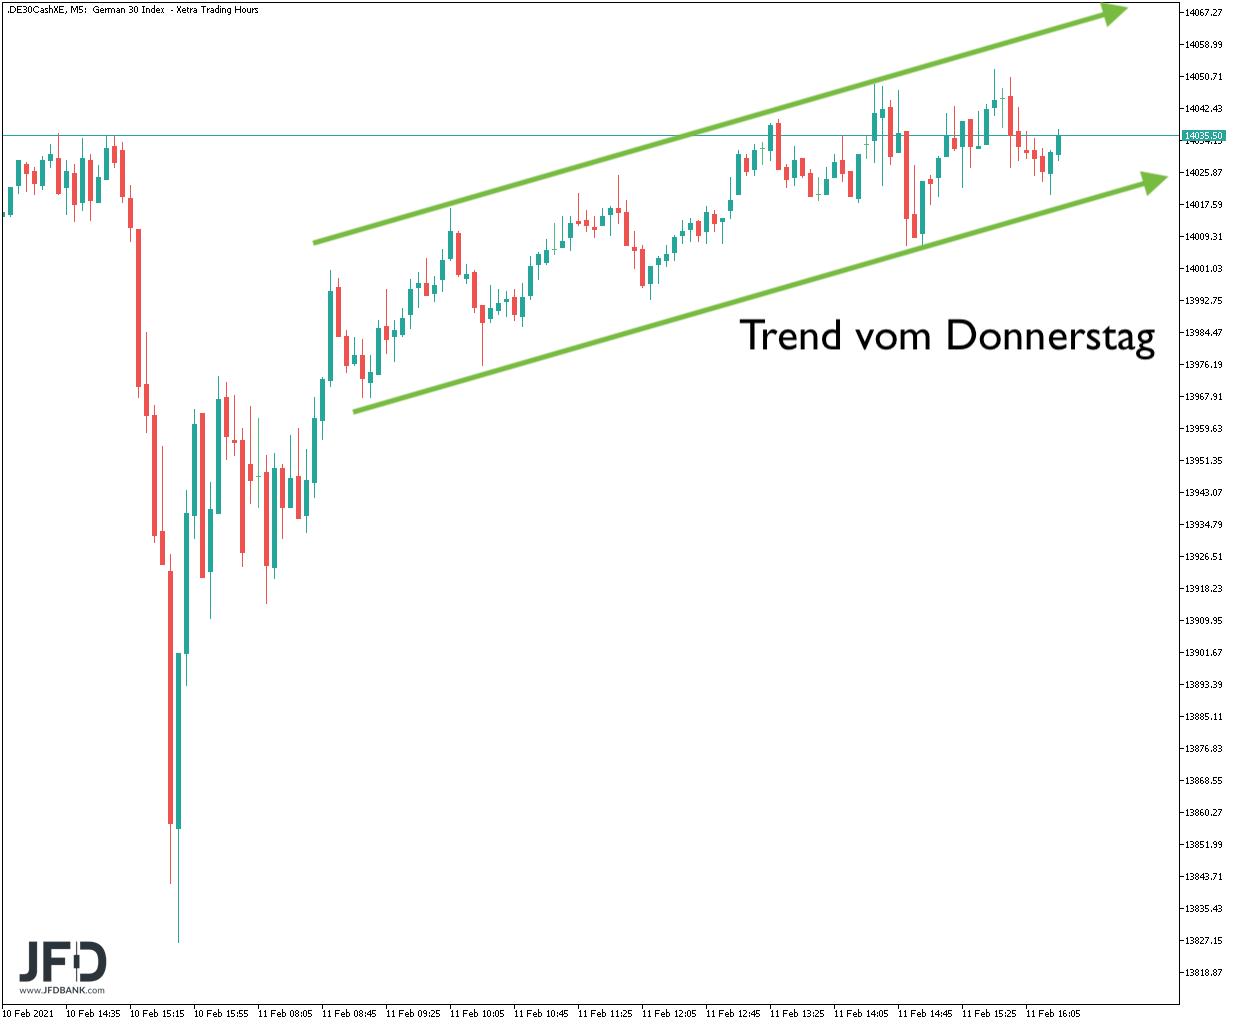 Trend im DAX am Donnerstag 11.02.21